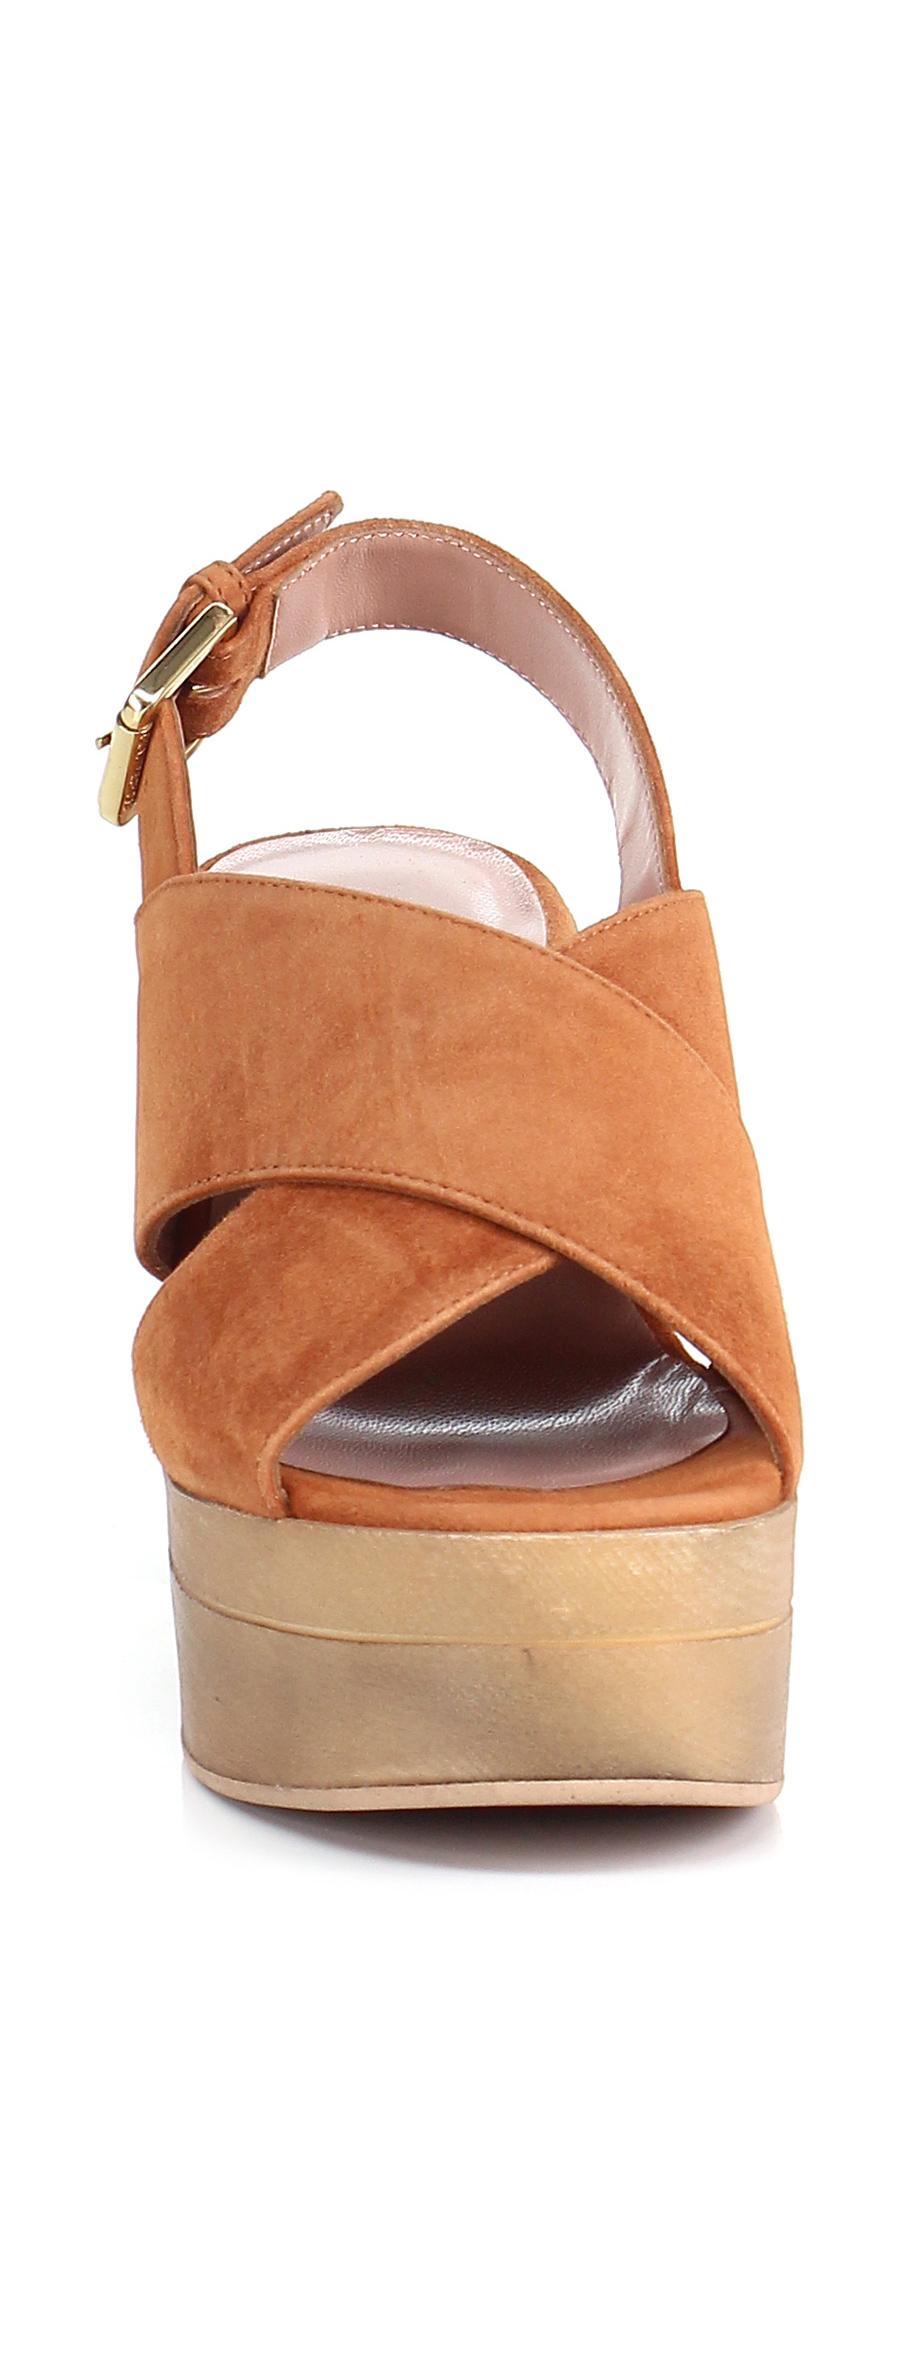 Sandalo  alto  Sandalo Leather L autre Chose ccdc79